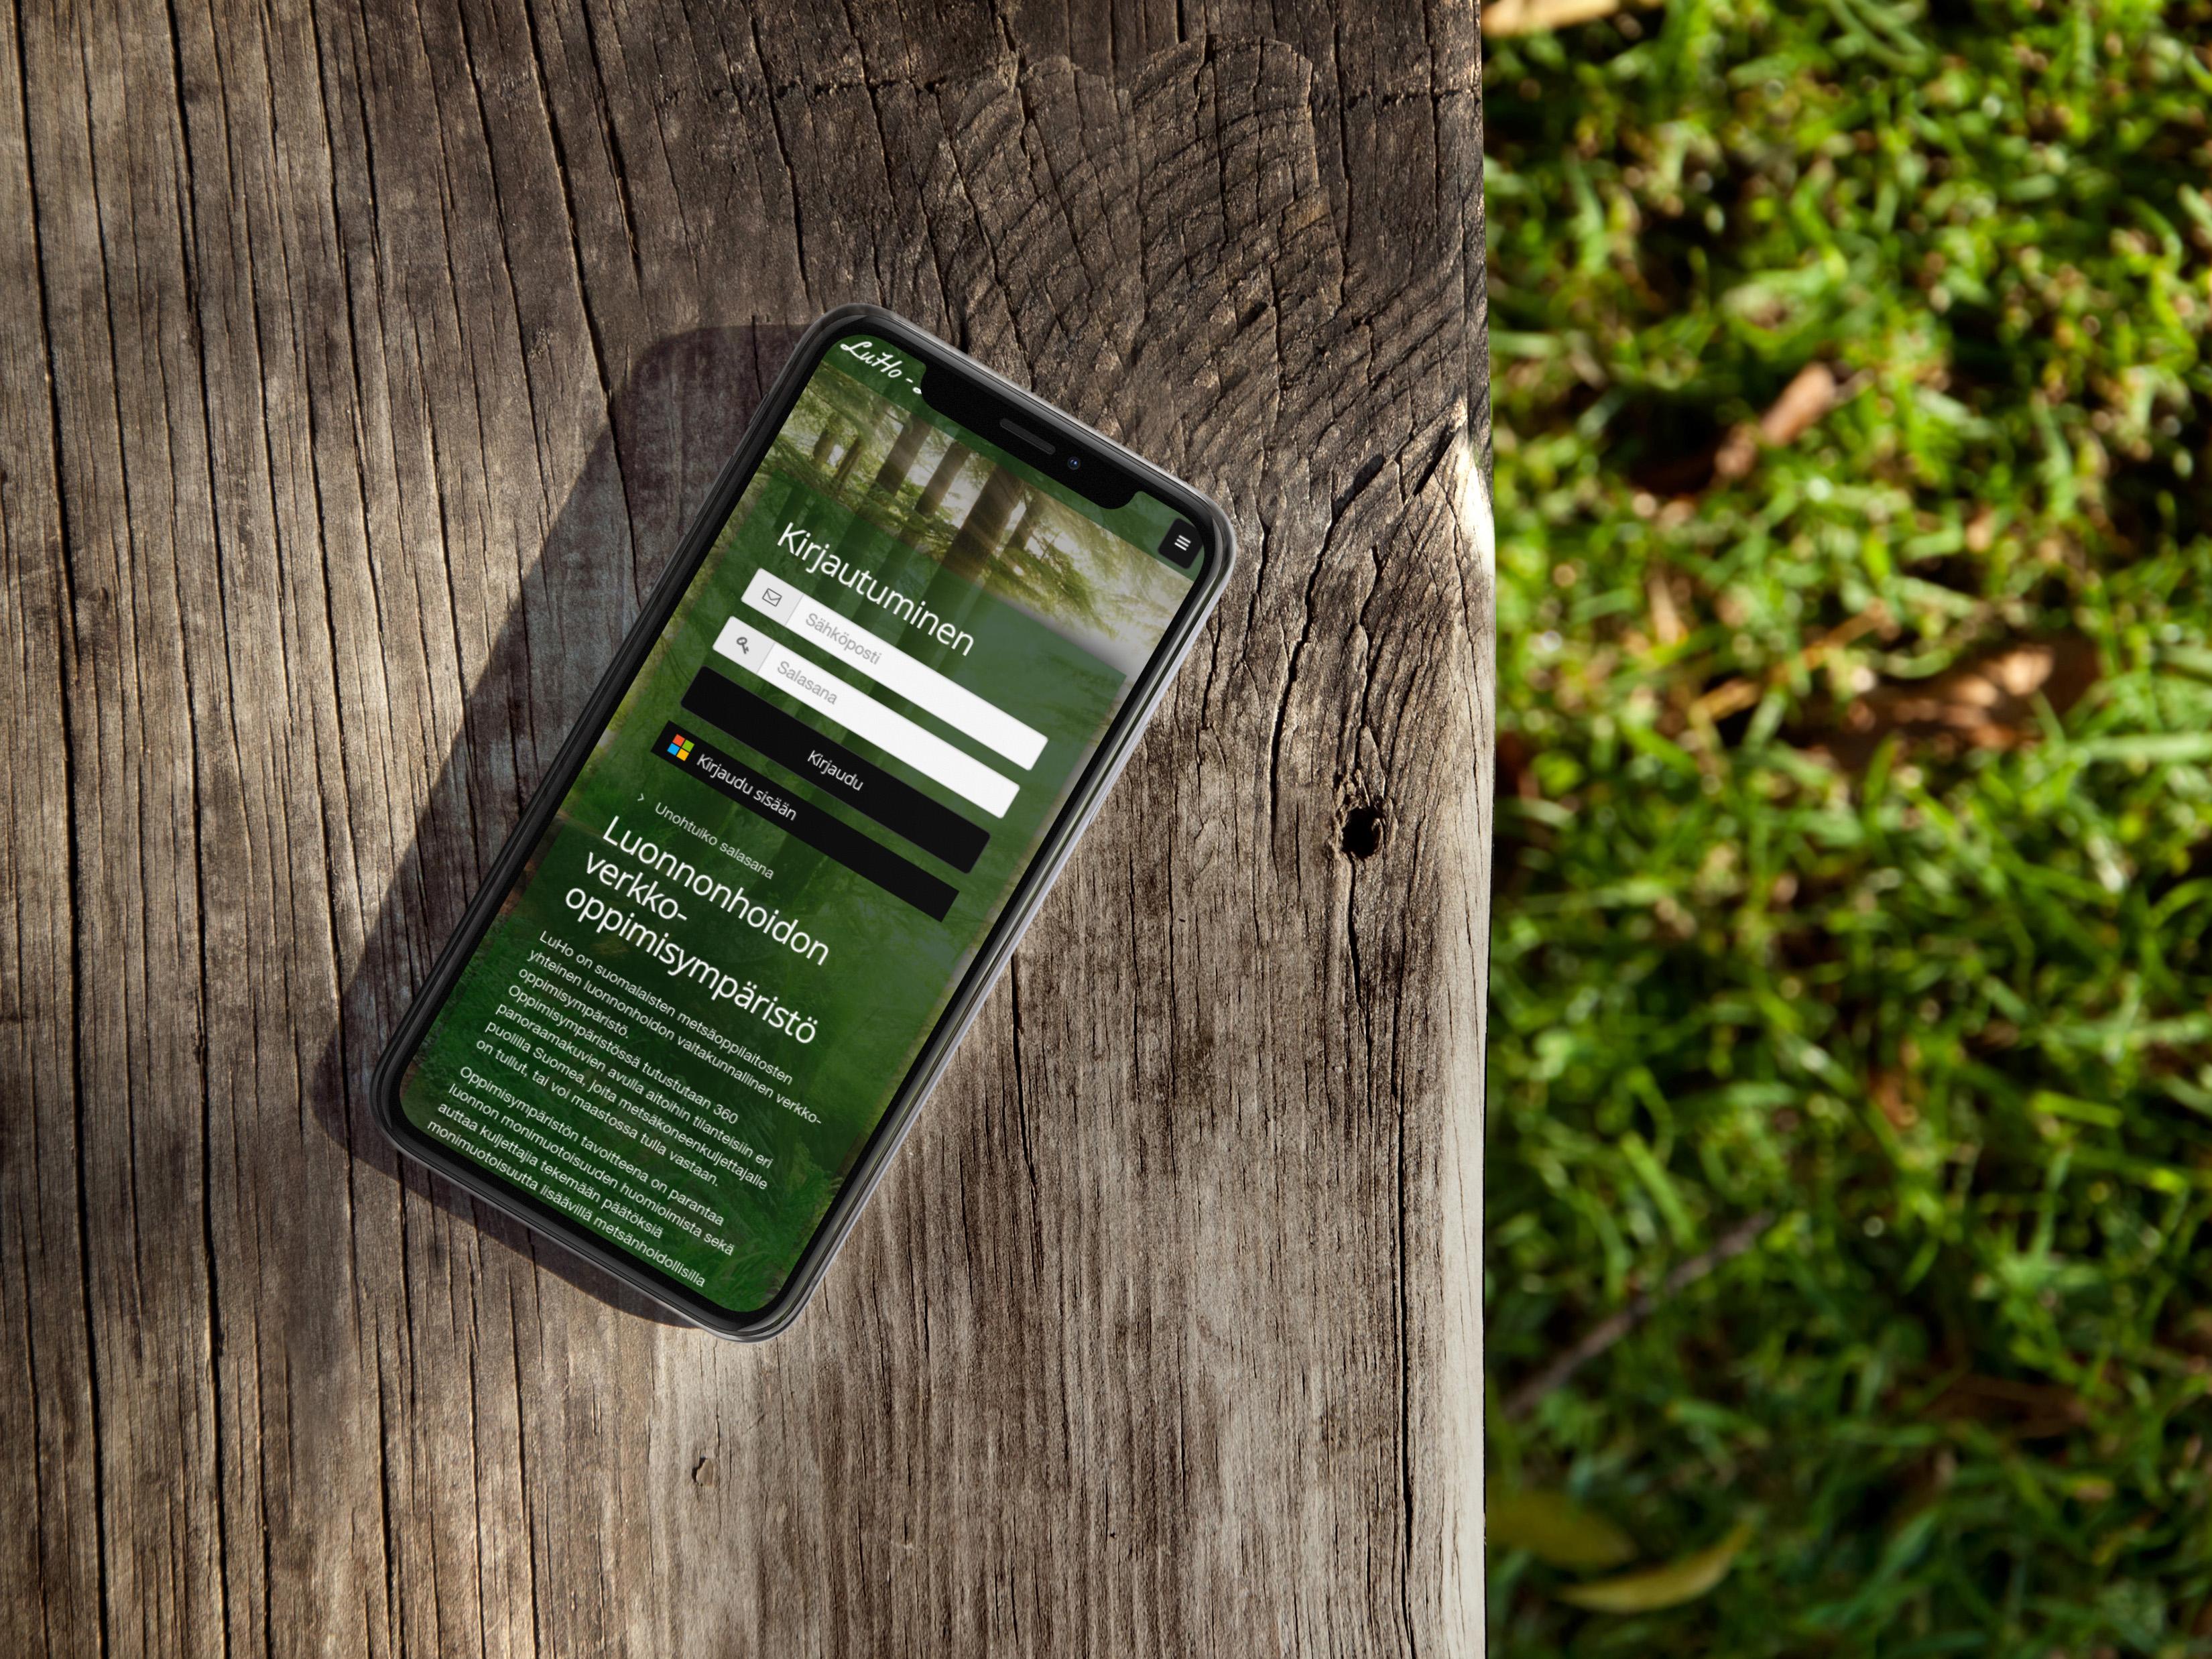 Luho oppimisympäristön etusivu älypuhelimen näytöllä.